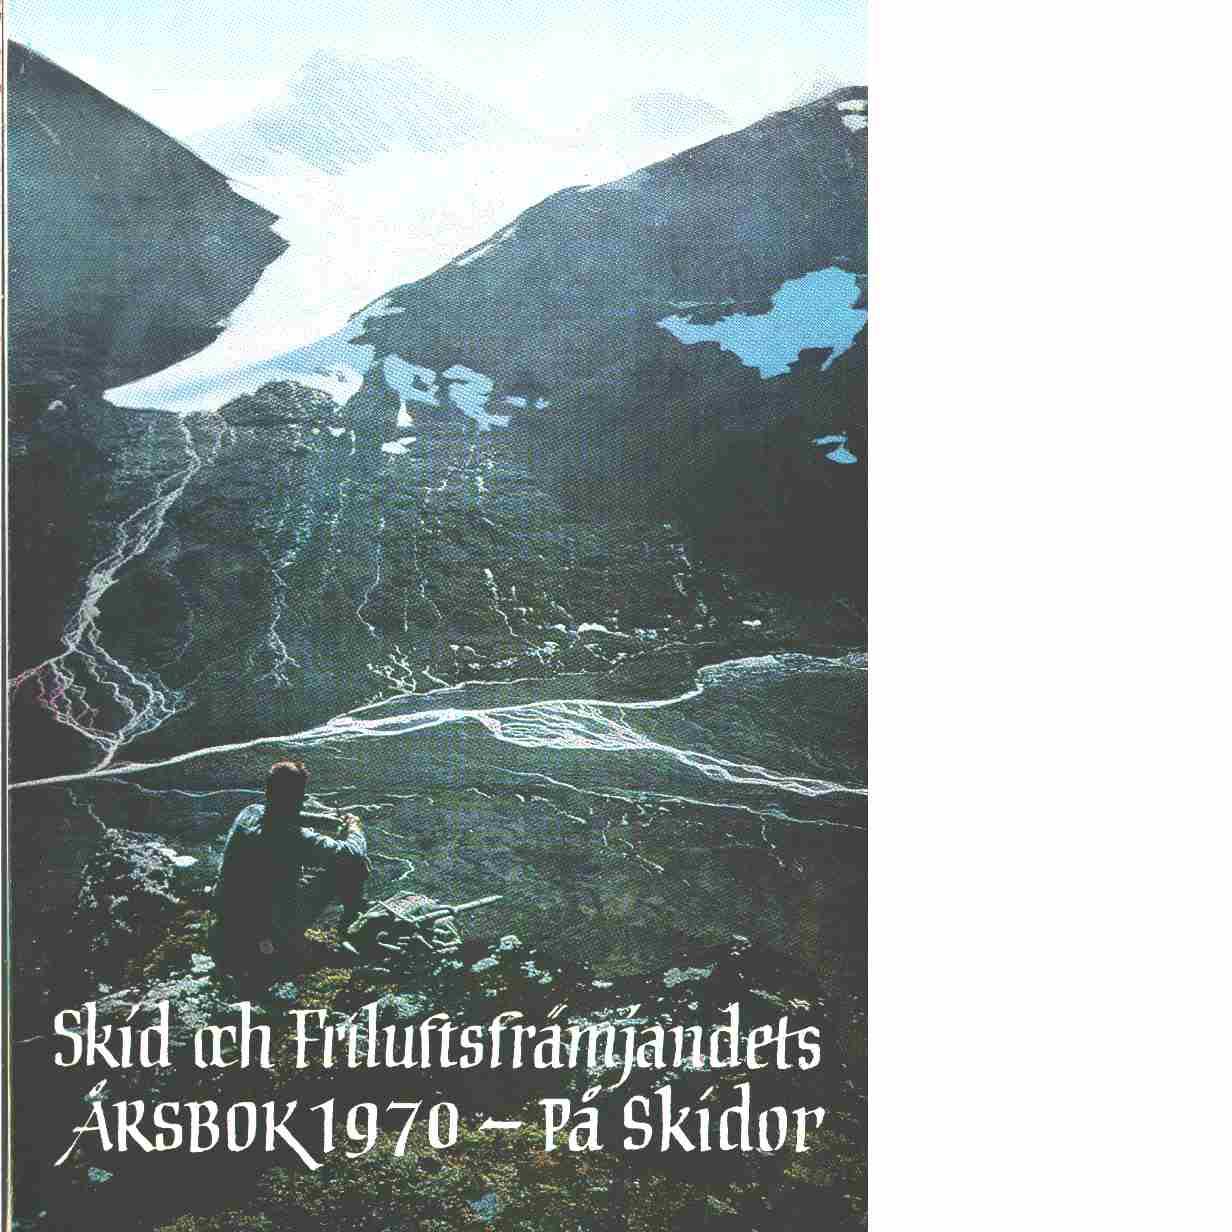 På skidor : Skid- och friluftsfrämjandets årsbok. Årsbok 1970 - Skid- och friluftsfrämjandet